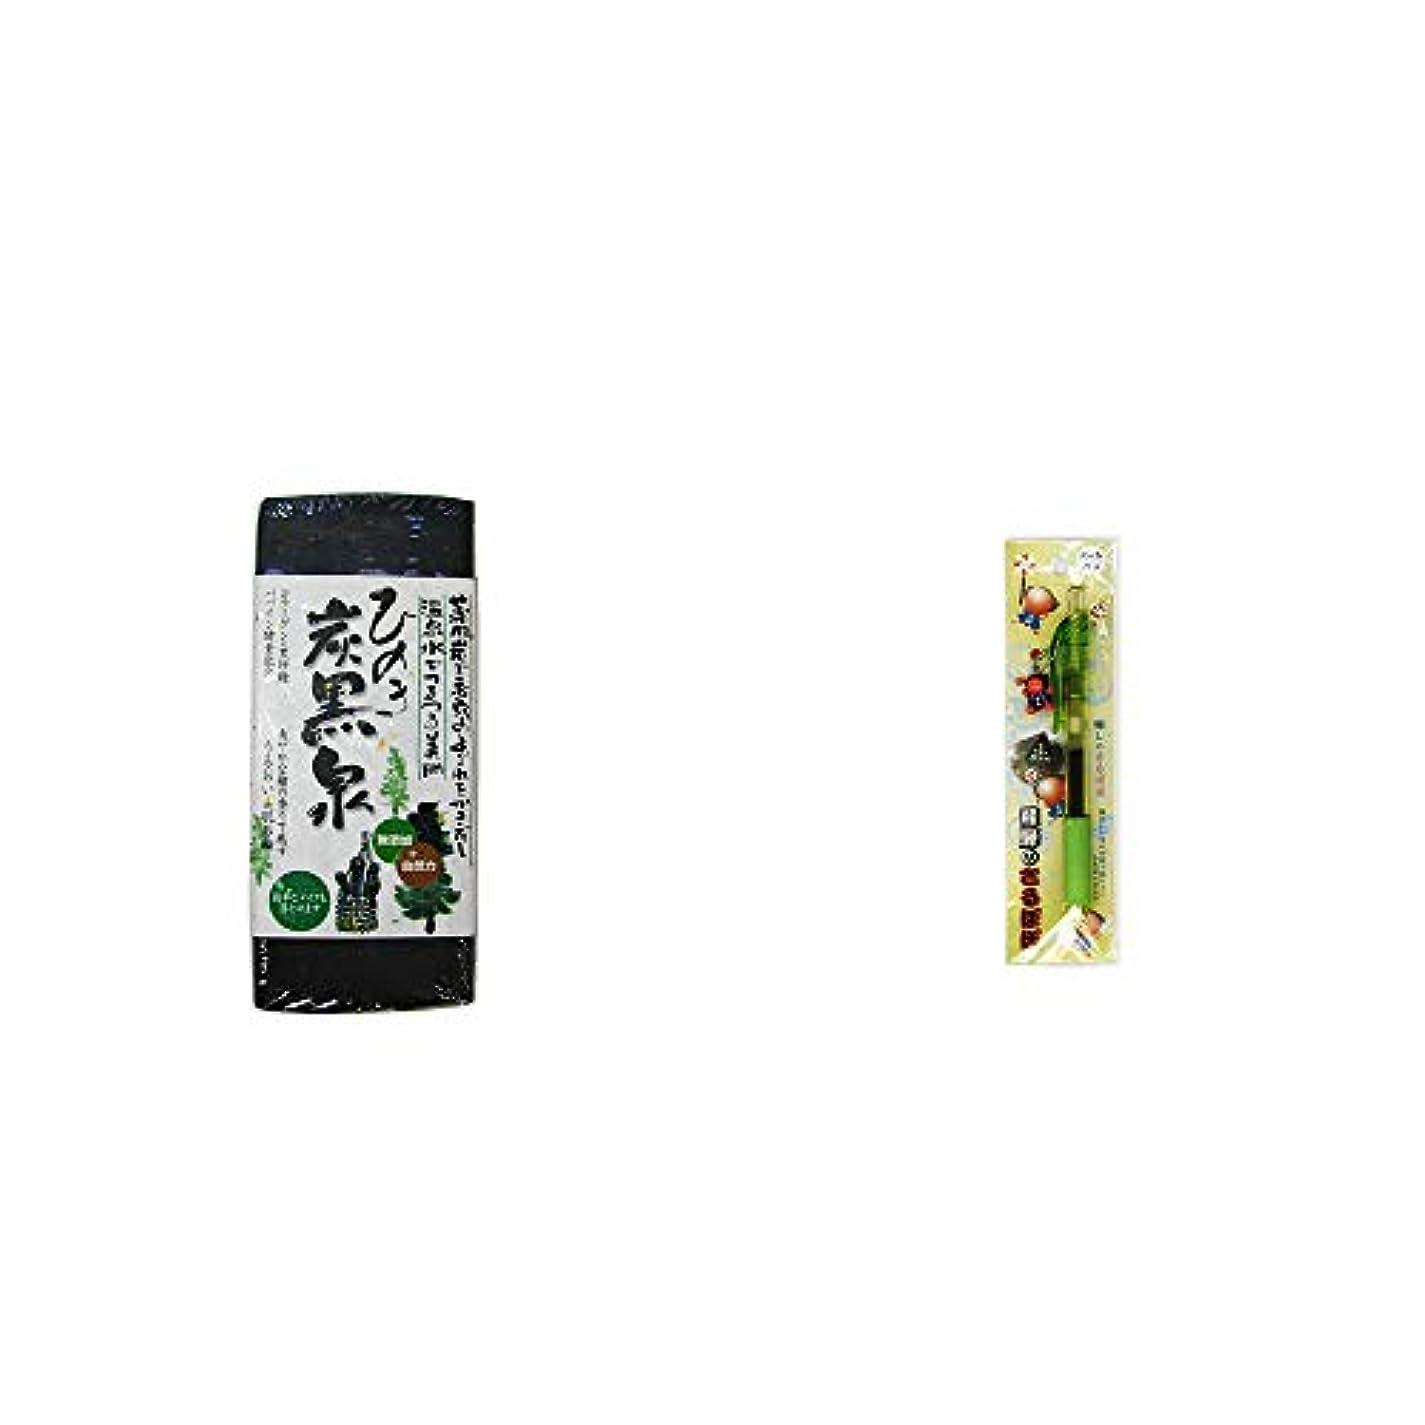 フェードアウト橋脚体操選手[2点セット] ひのき炭黒泉(75g×2)?さるぼぼ 癒しボールペン 【グリーン】